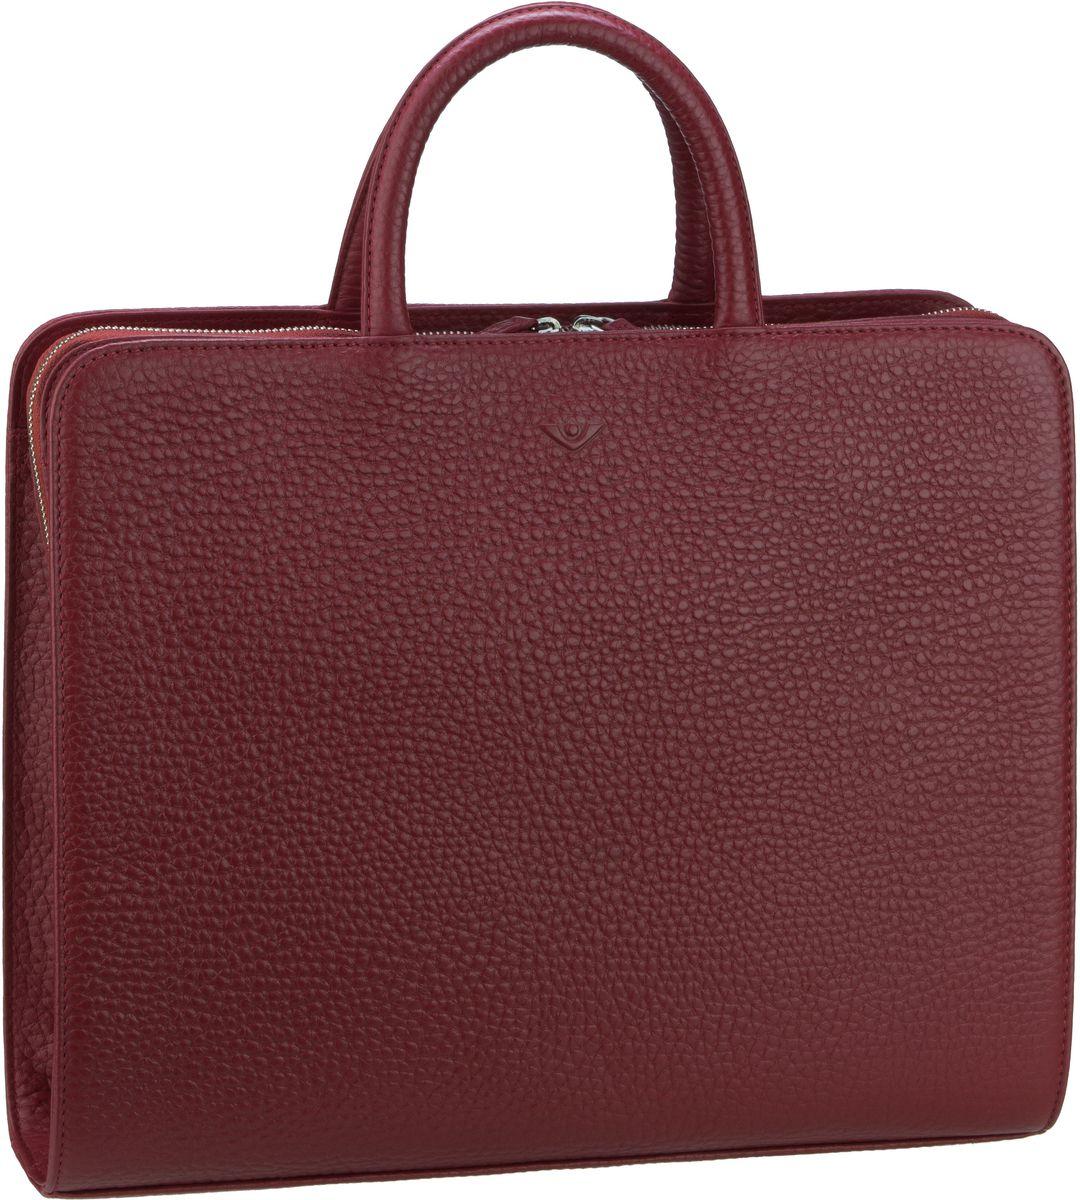 Businesstaschen für Frauen - Voi Hirsch 10517 Ordner Tasche A4 Granat Aktenmappe  - Onlineshop Taschenkaufhaus